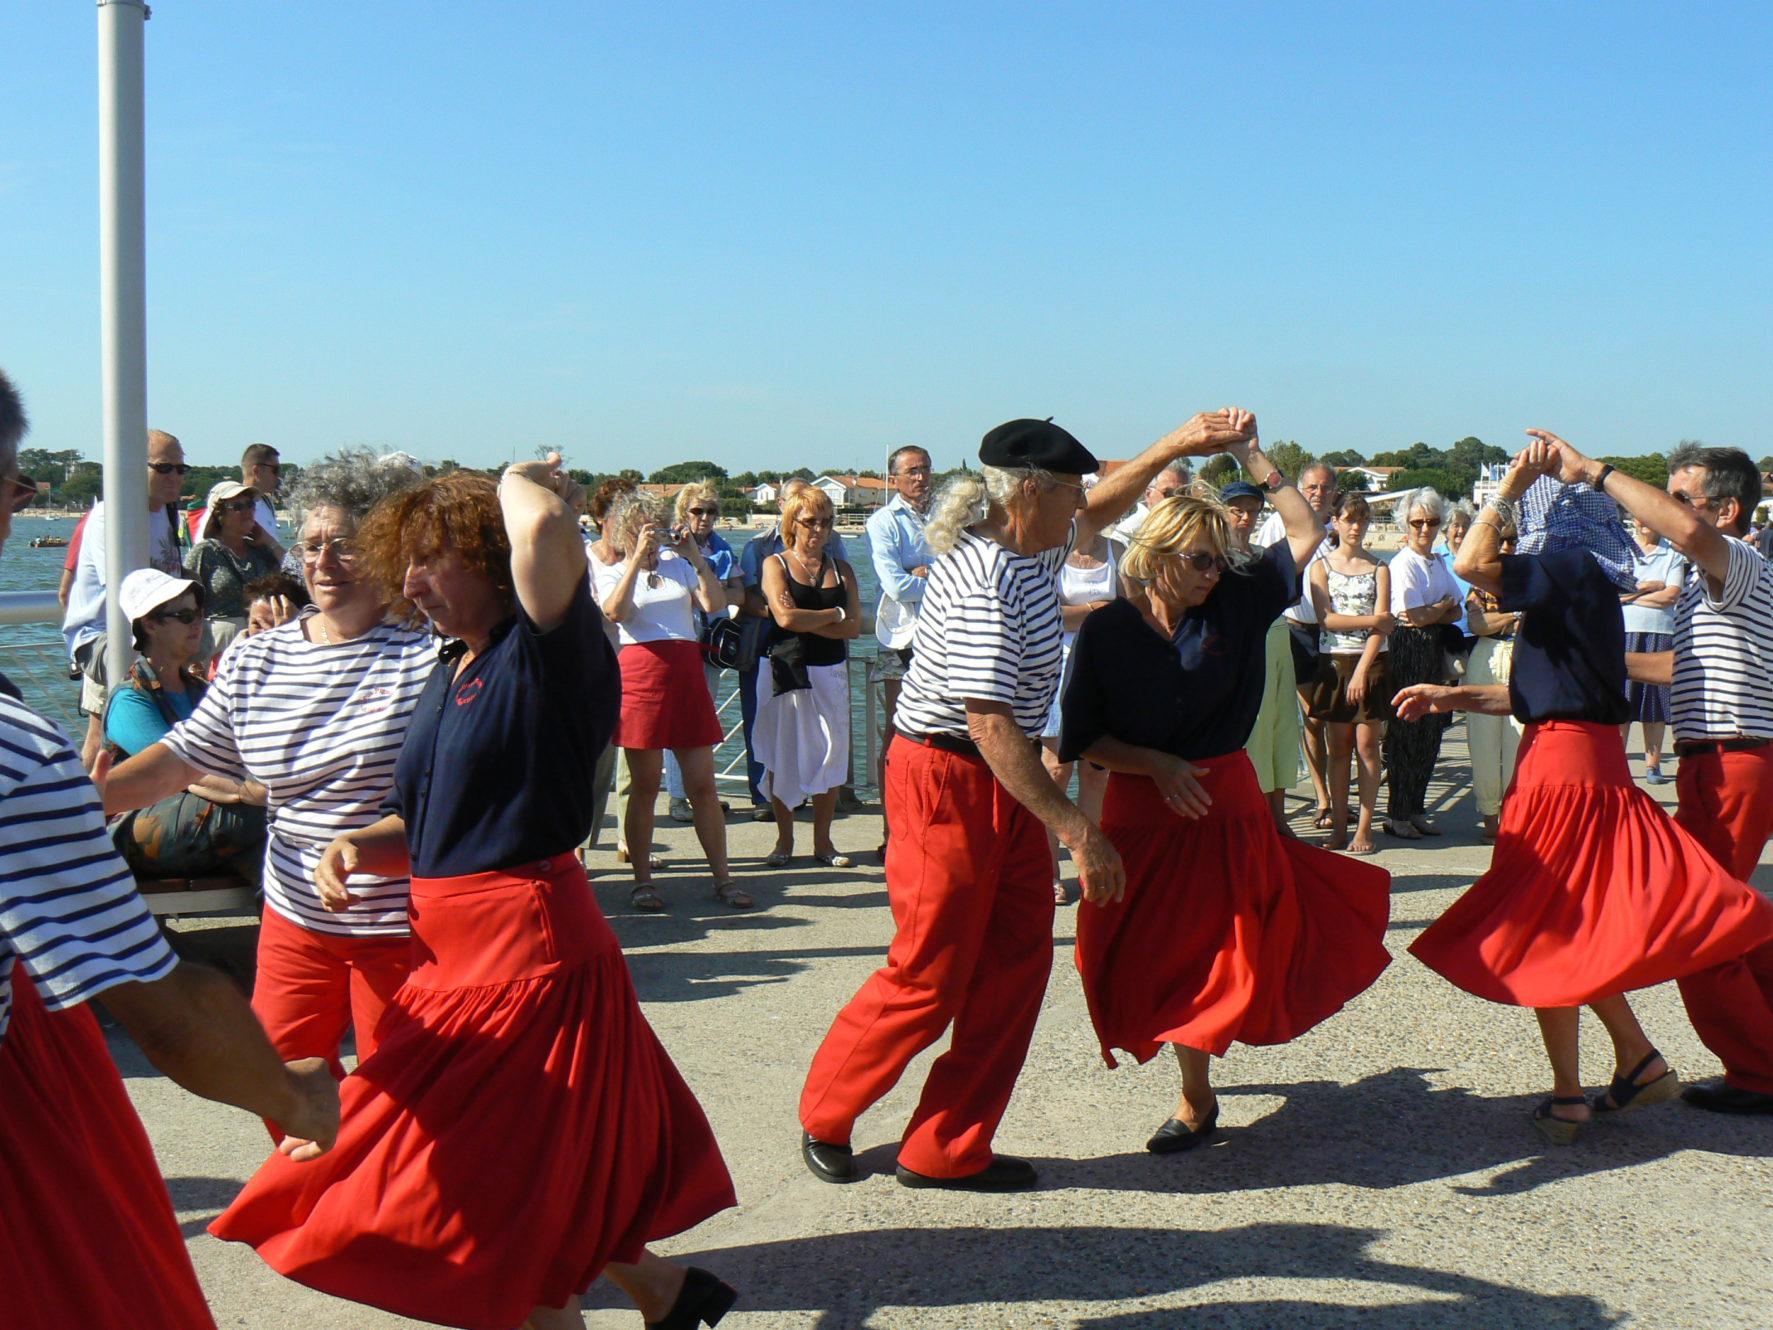 Le groupe folklorique de danses traditionelles Lous Pignots